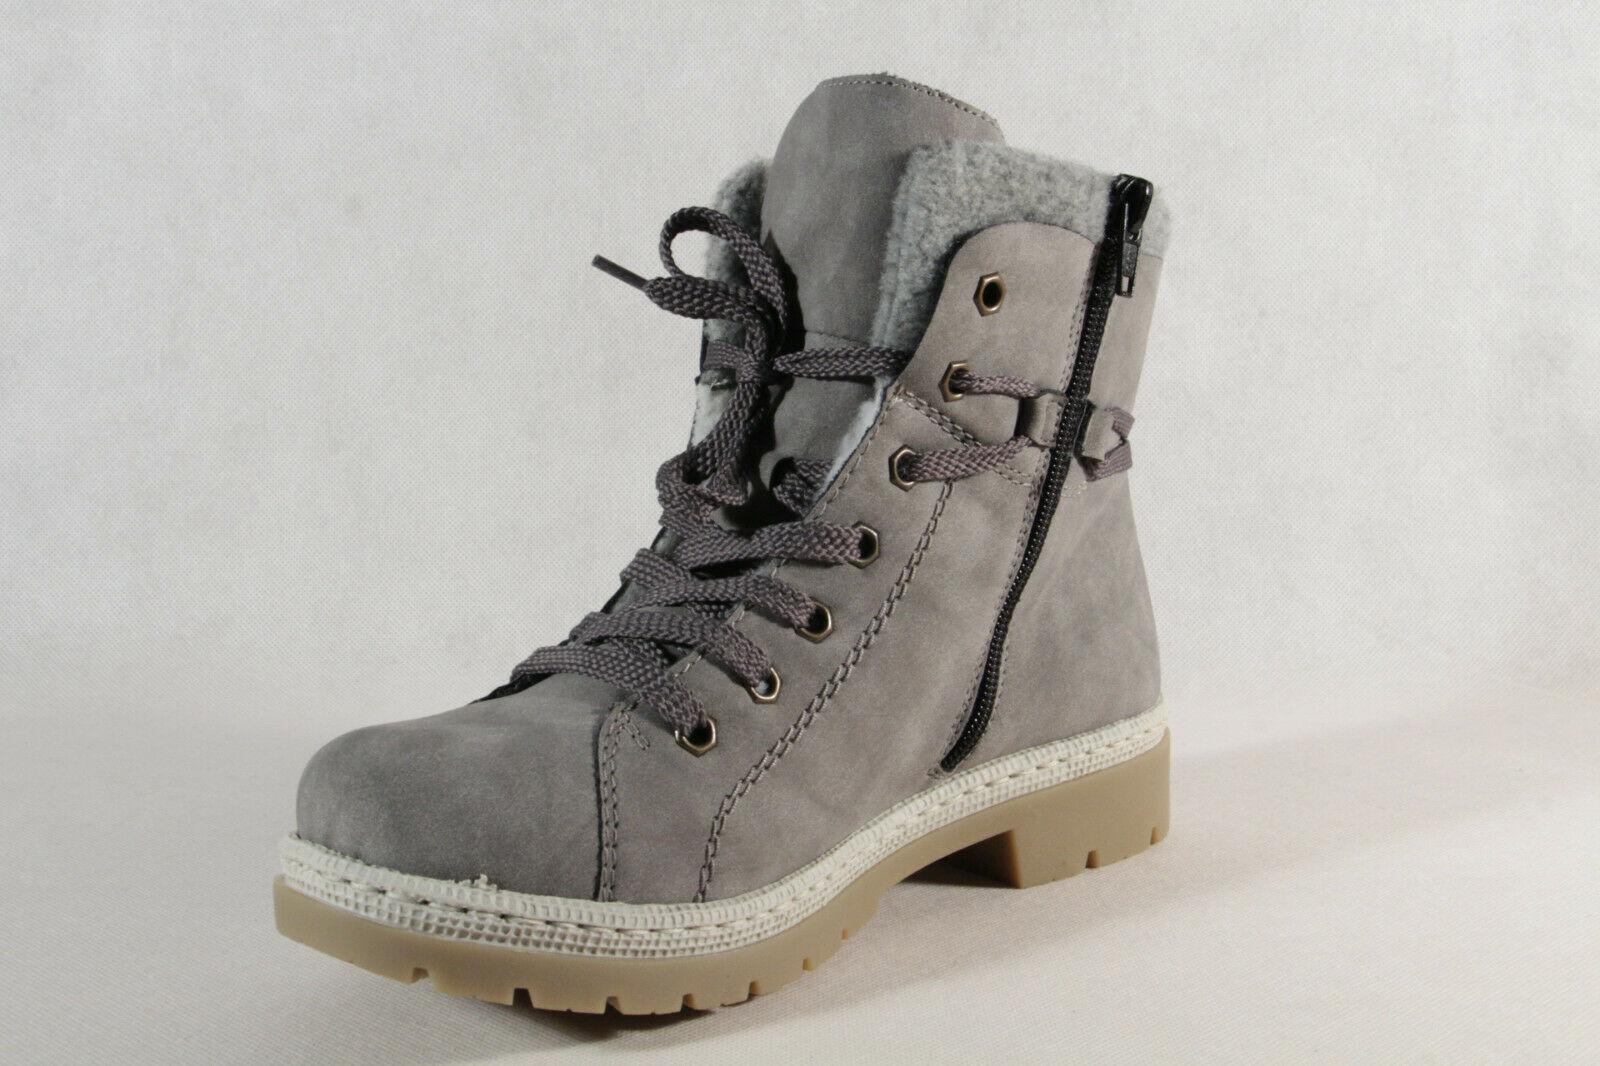 Rieker Damen Stiefel Stiefeletten Schnürstiefel Boots grau dwfoZ